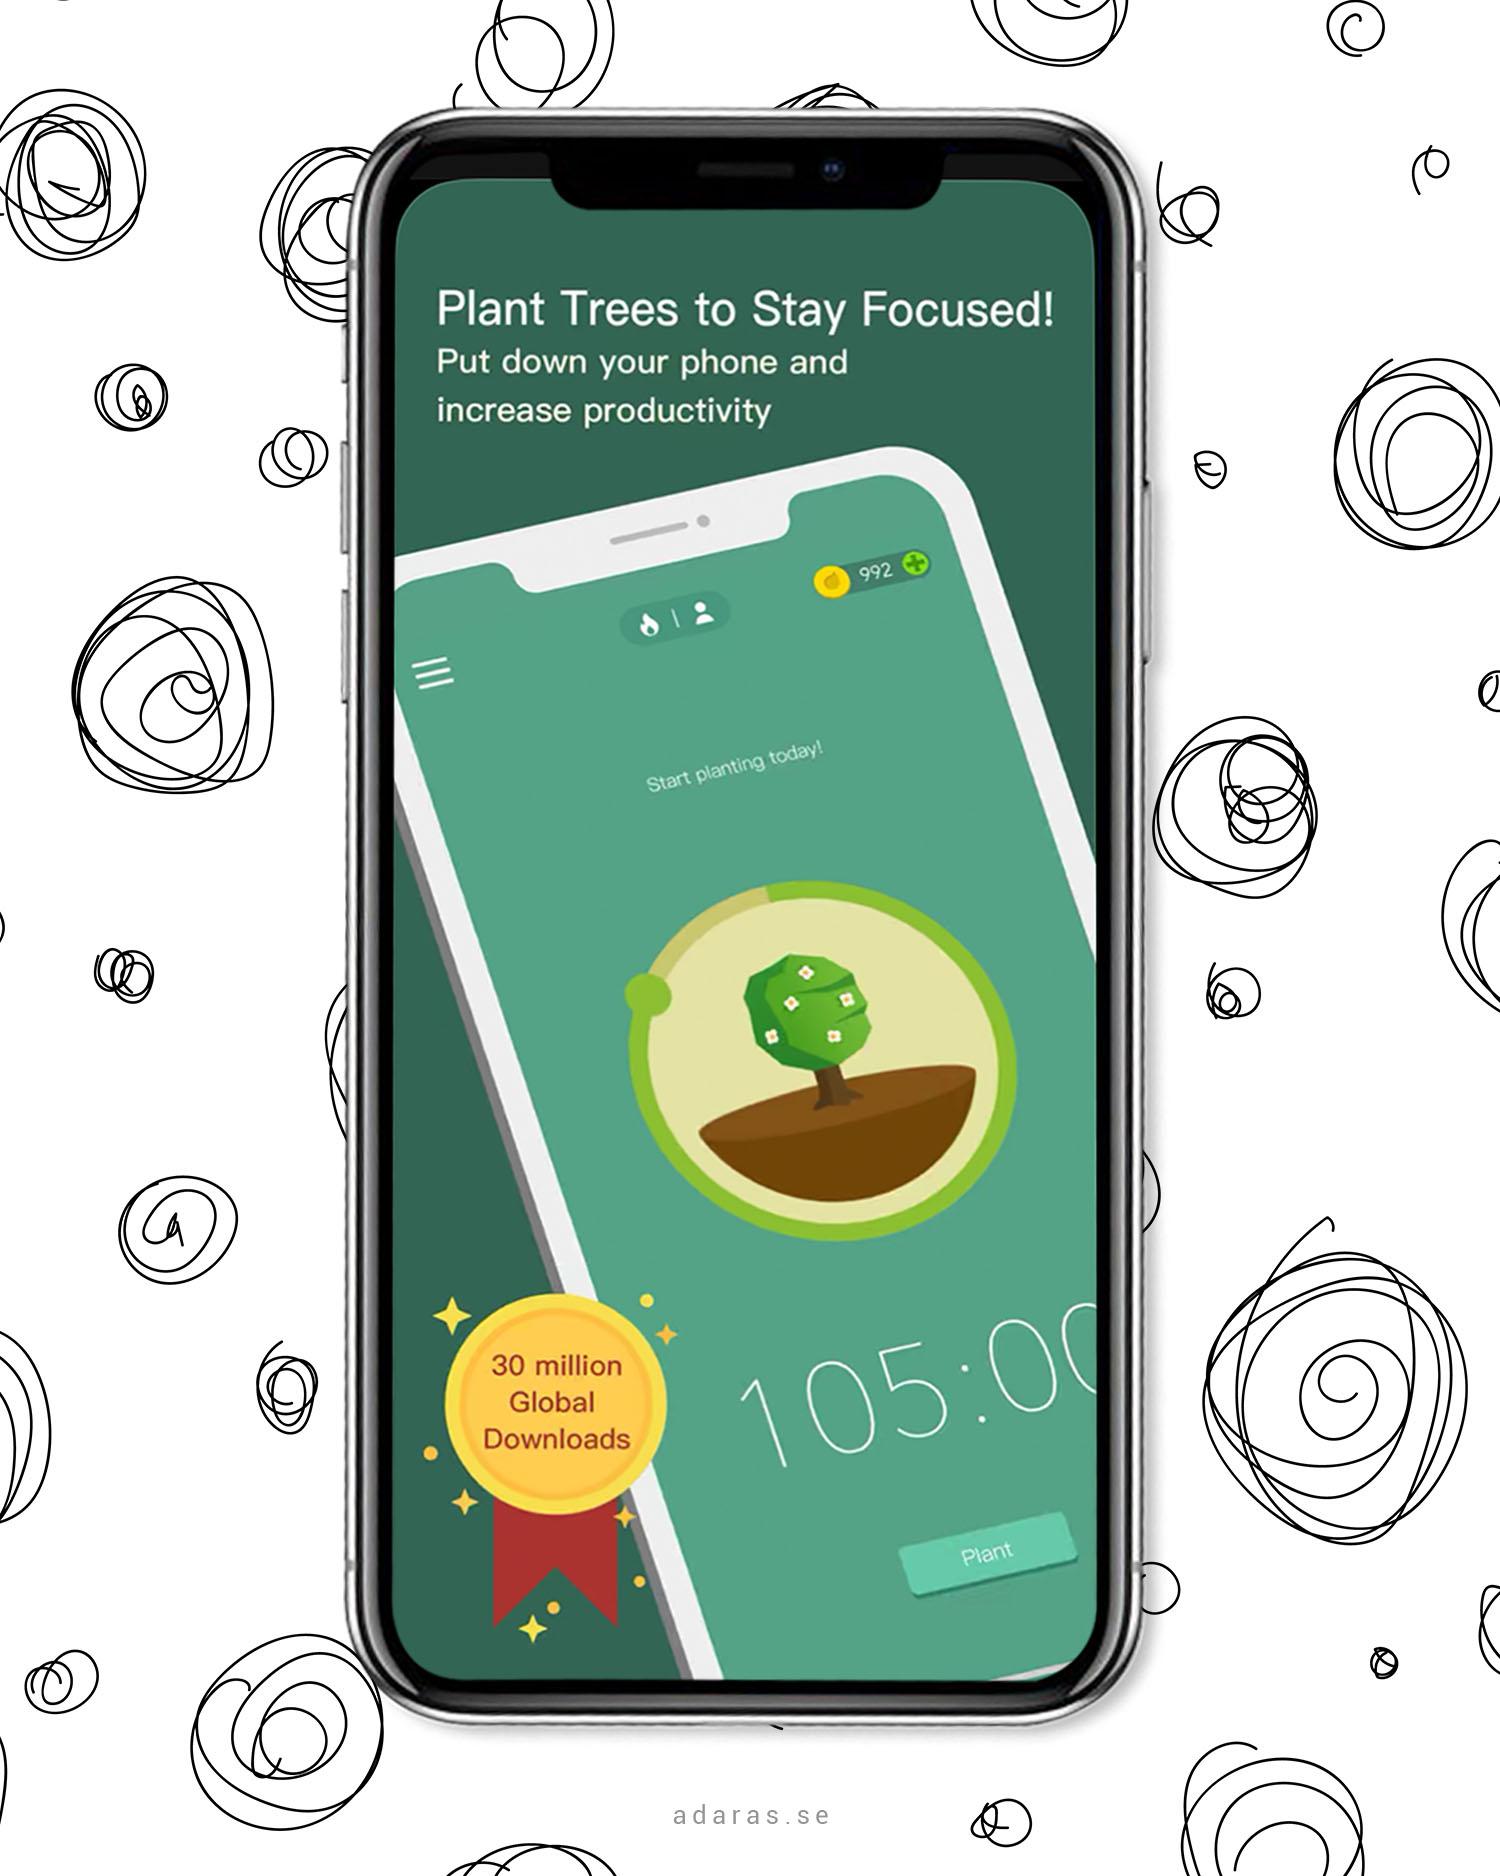 Forest - Var produktiv och plantera träd på samma gång |Tips på geniala produktivitetsappar